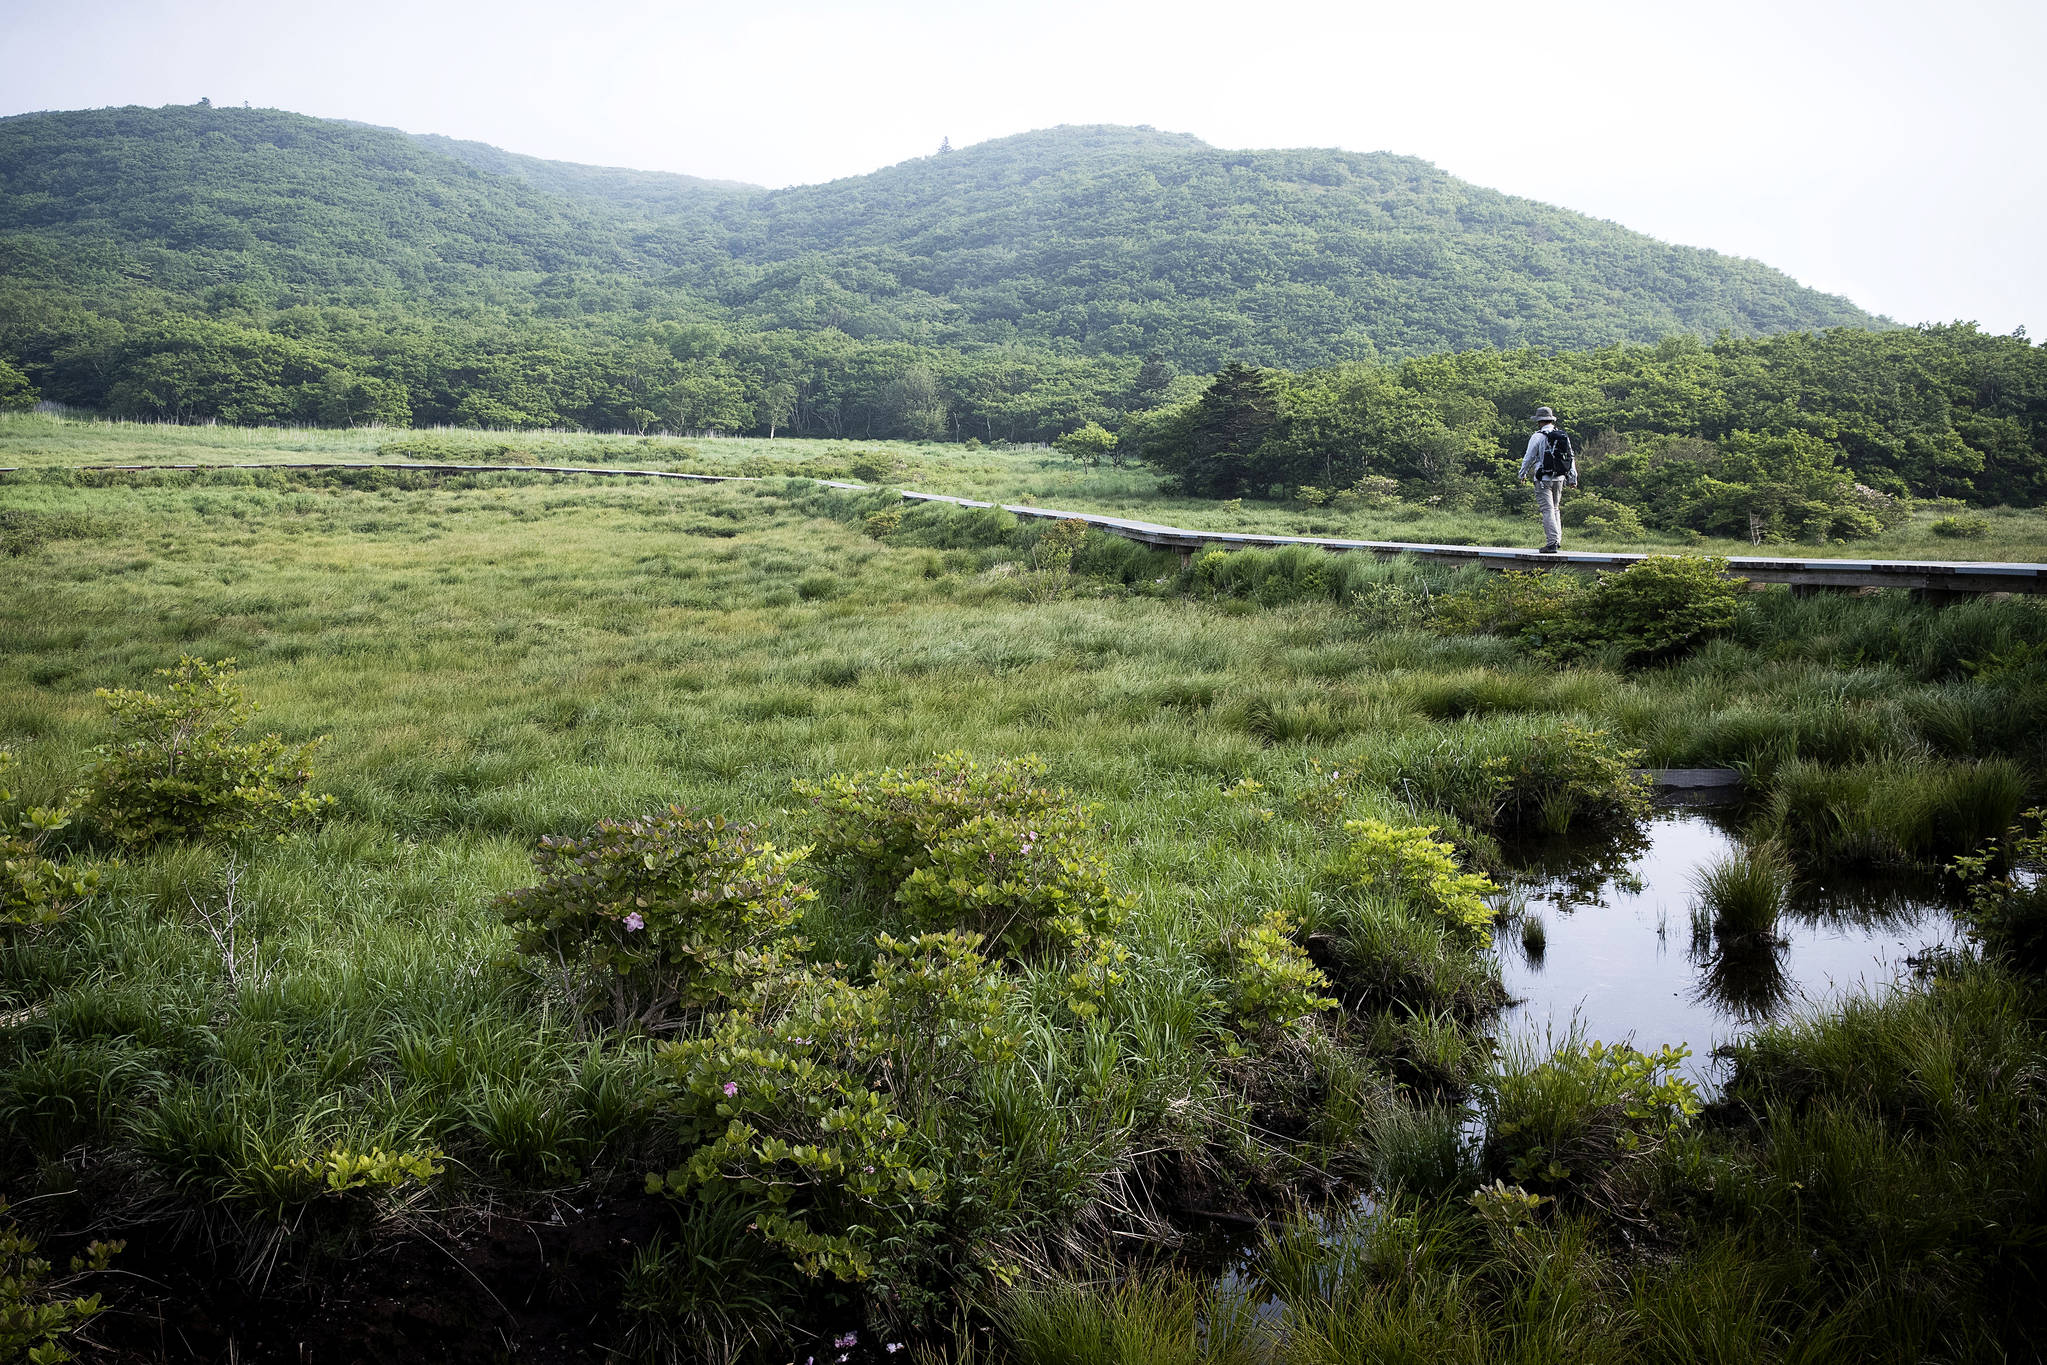 대암산 정상부에 있는 한국 1호 람사르 습지 '용늪'은 하루 250명만 오를 수 있는 진귀한 생태관광지다. 아무리 날이 가물어도 물이 마르지 않는다. [장진영 기자]